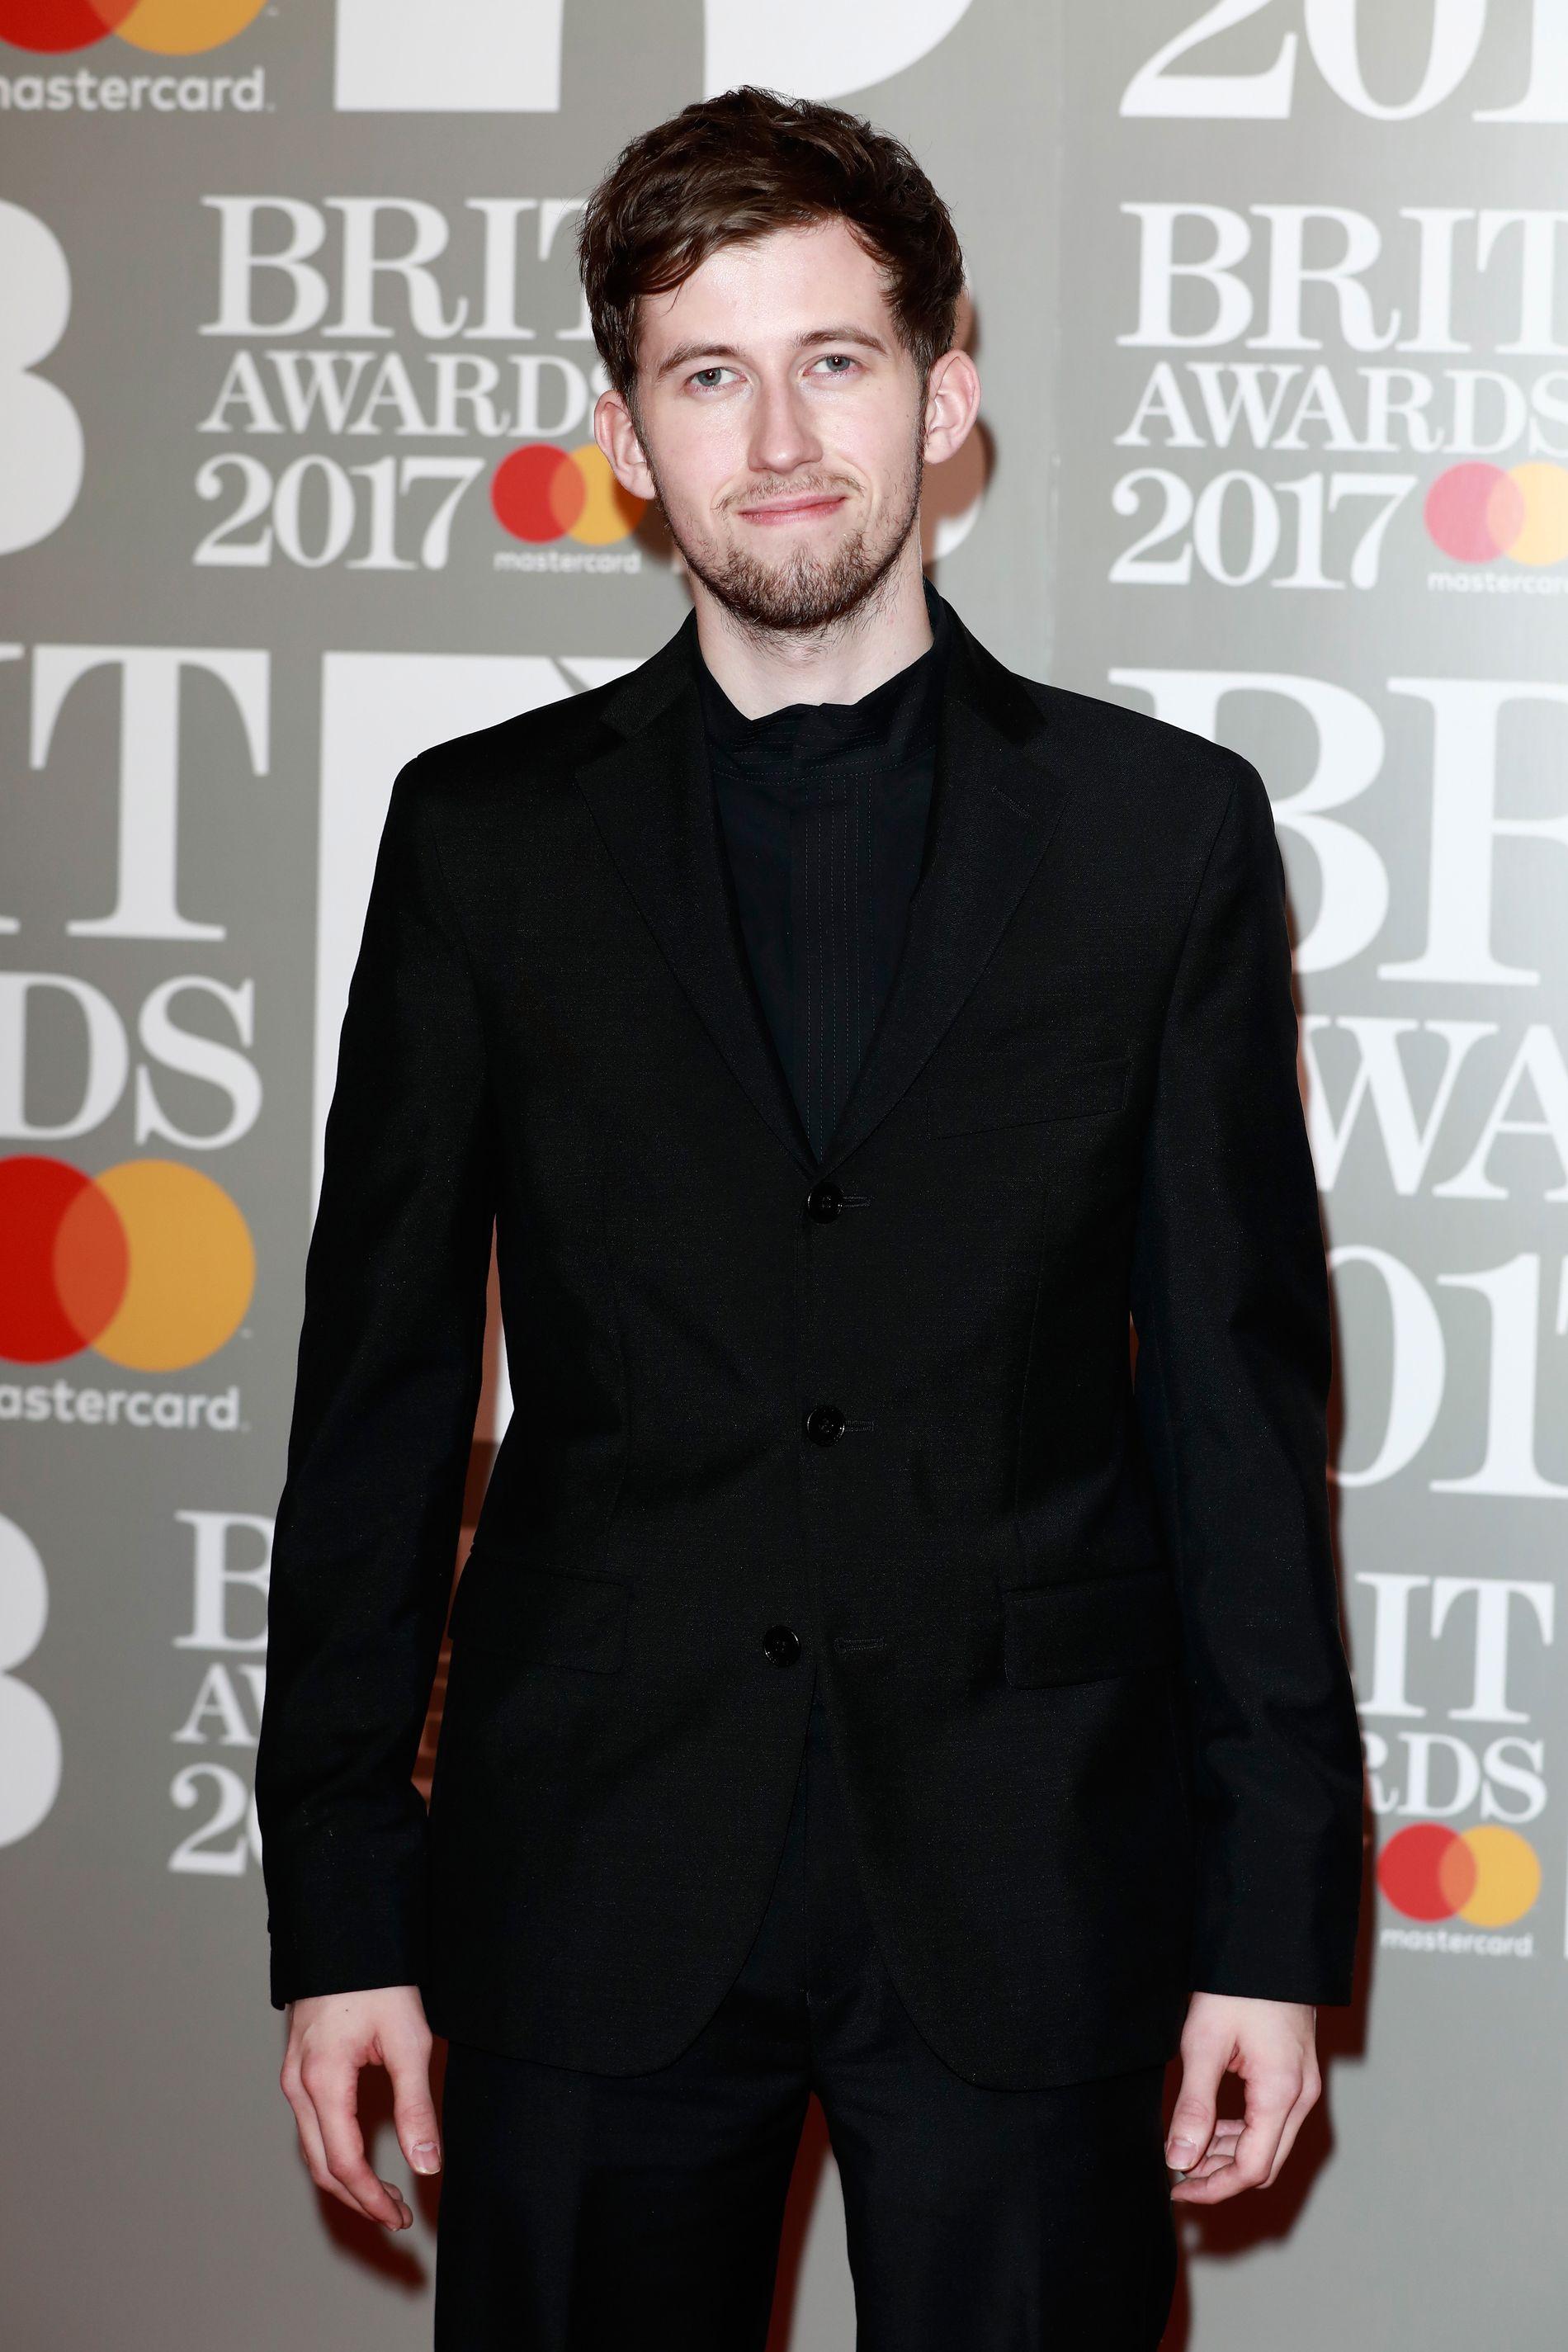 BAK MASKEN: Alan Walker på Brit Awards tidligere i år. Foto: GETTY